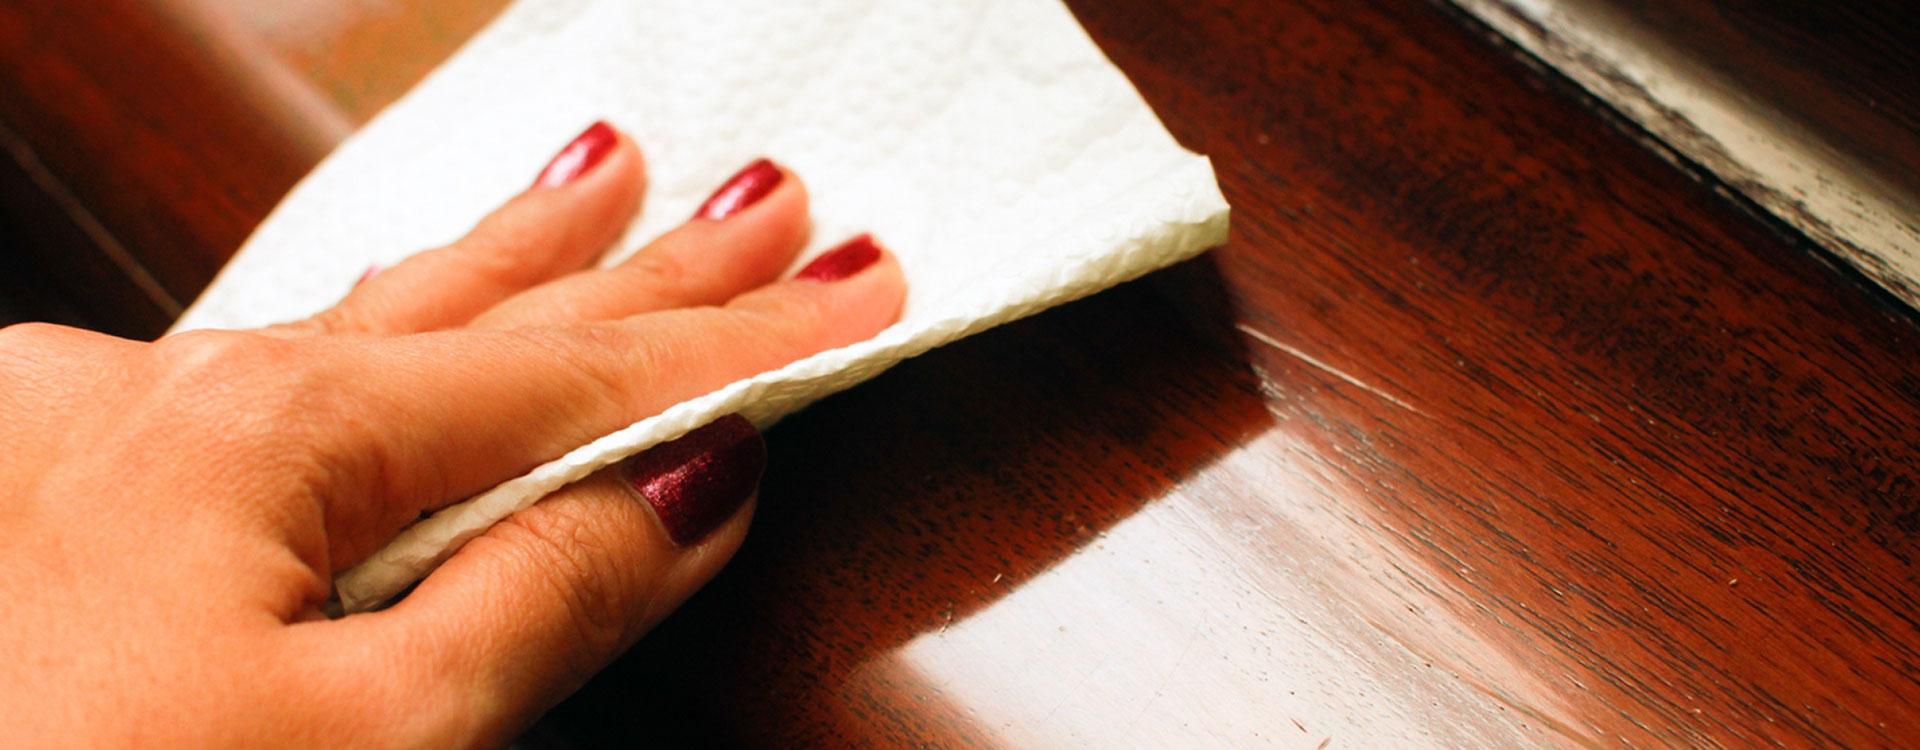 Как сделать искусственную рану или порез с помощью макияжа, пошагово с фото 27